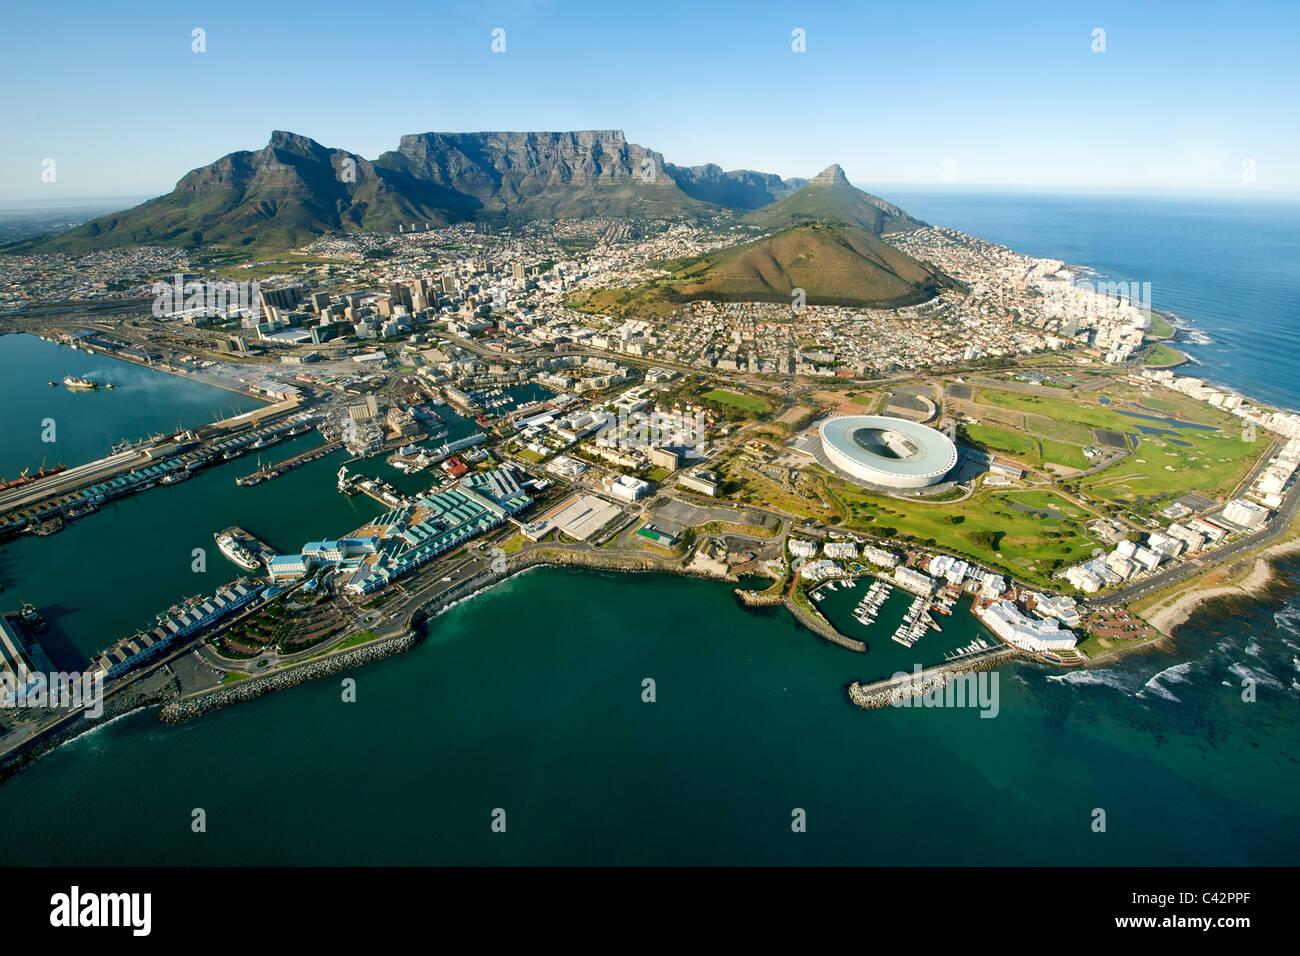 Vue aérienne de la ville de Cape Town, Afrique du Sud. Photo Stock